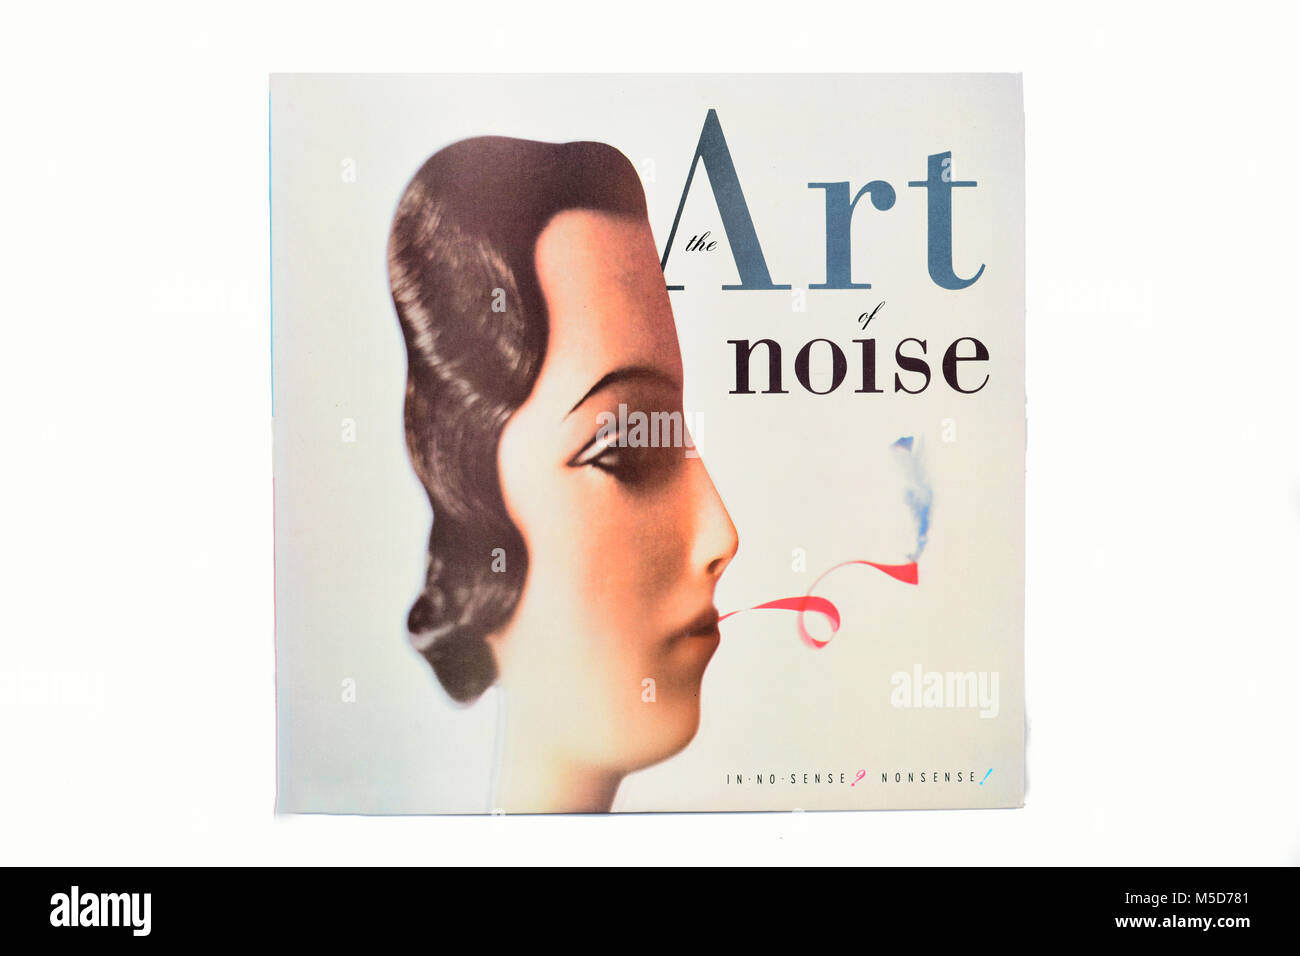 L'art de bruit dans aucun sens absurde LP pochette vinyle musique Photo Stock